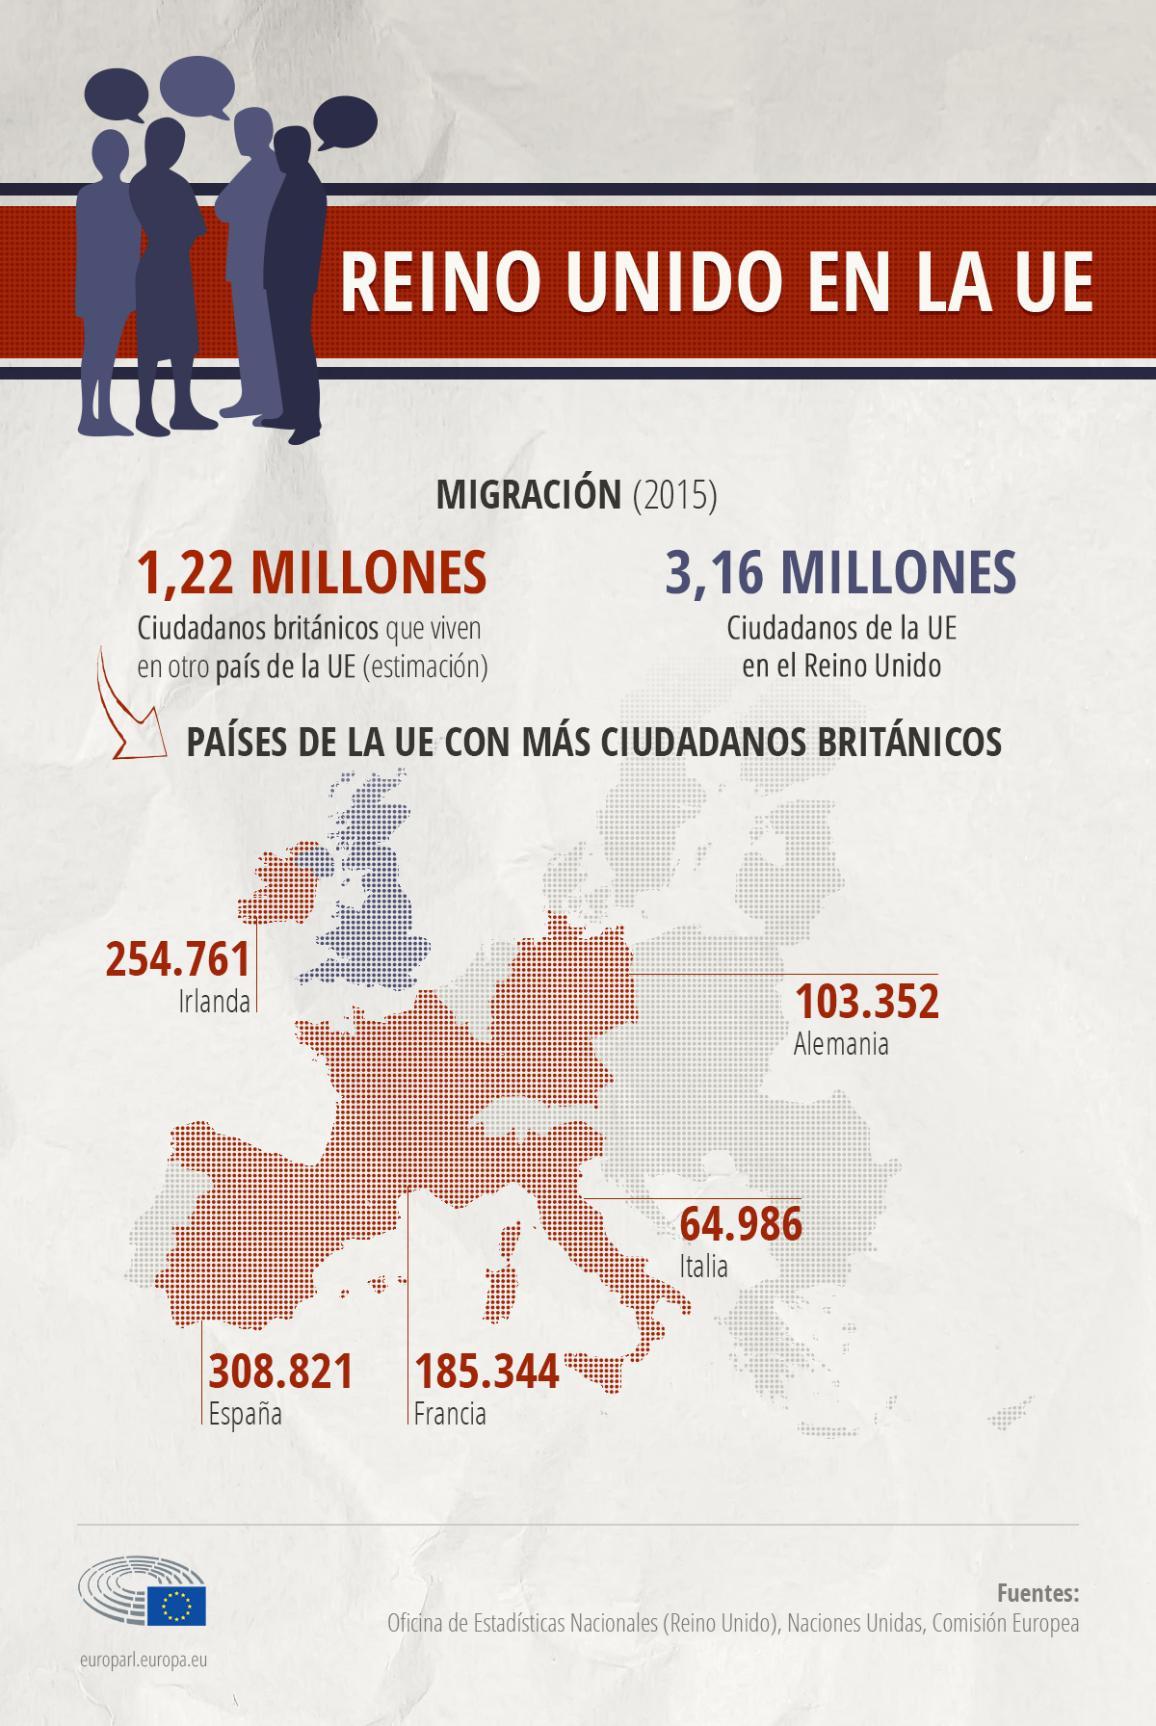 Infografía: ciudadanos comunitarios en el Reino Unido y ciudadanos británicos en la UE